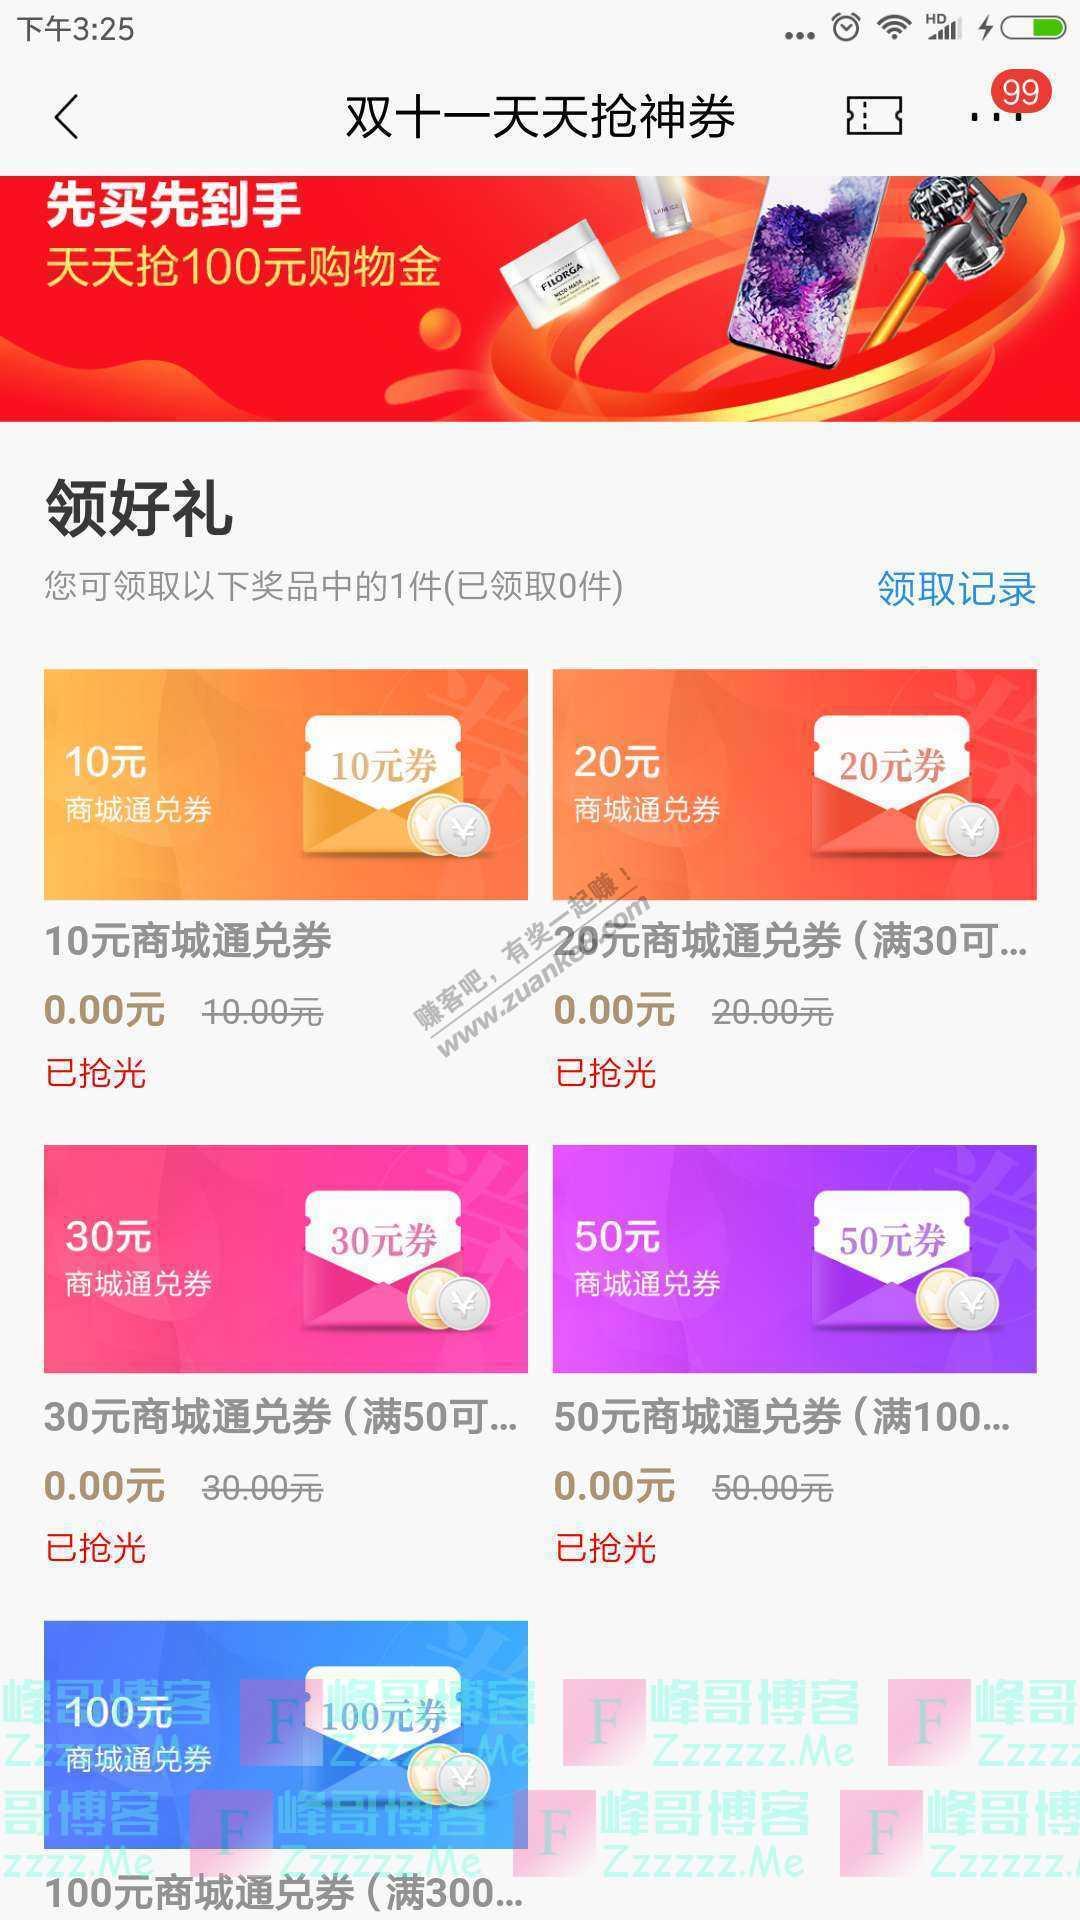 招商银行app双十一天天抢神券(截止11月10日)